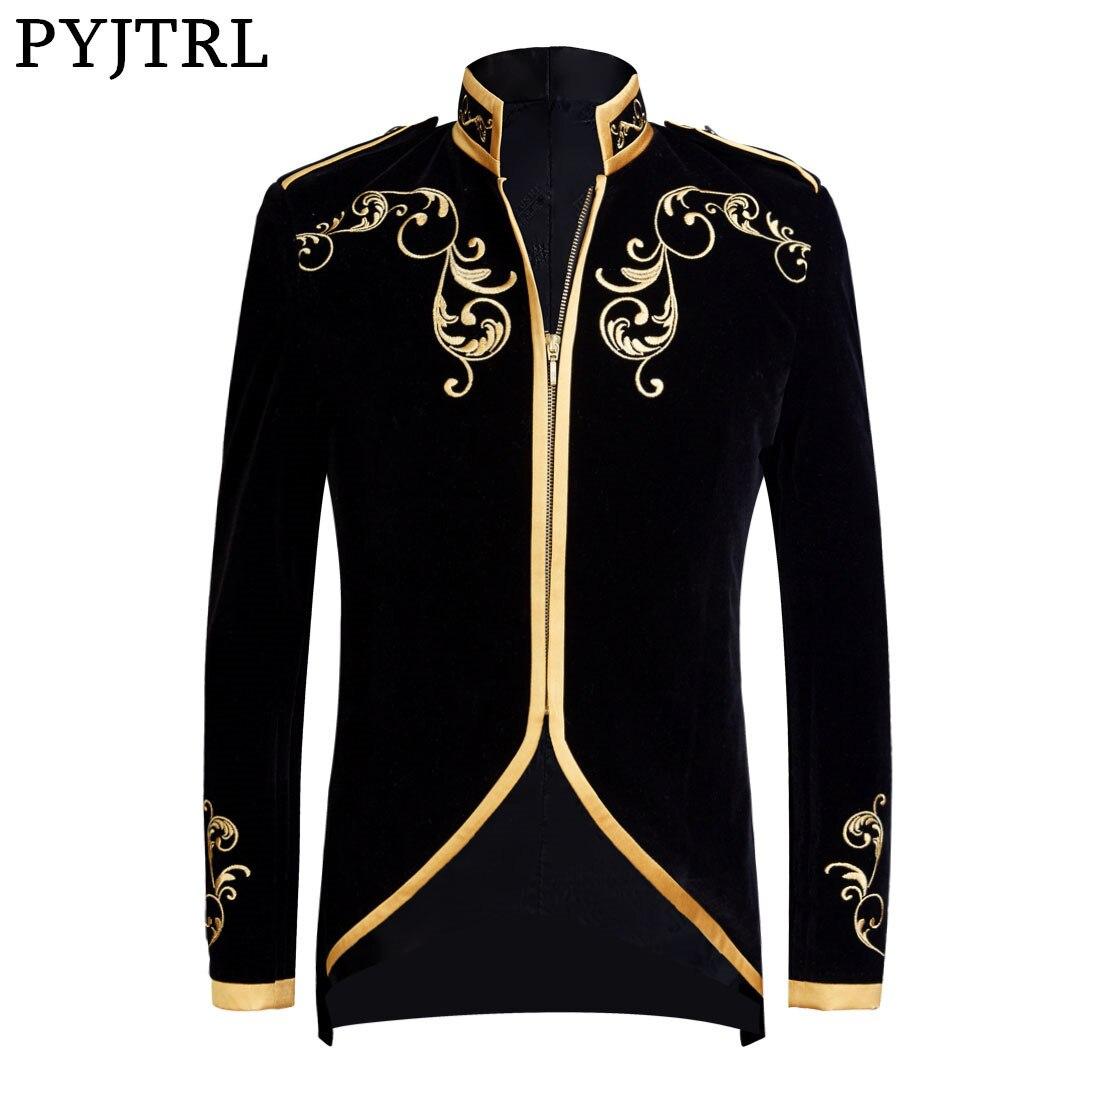 PYJTRL Style britannique palais Prince mode noir velours or broderie Blazer mariage marié Slim Fit costume veste chanteurs manteau